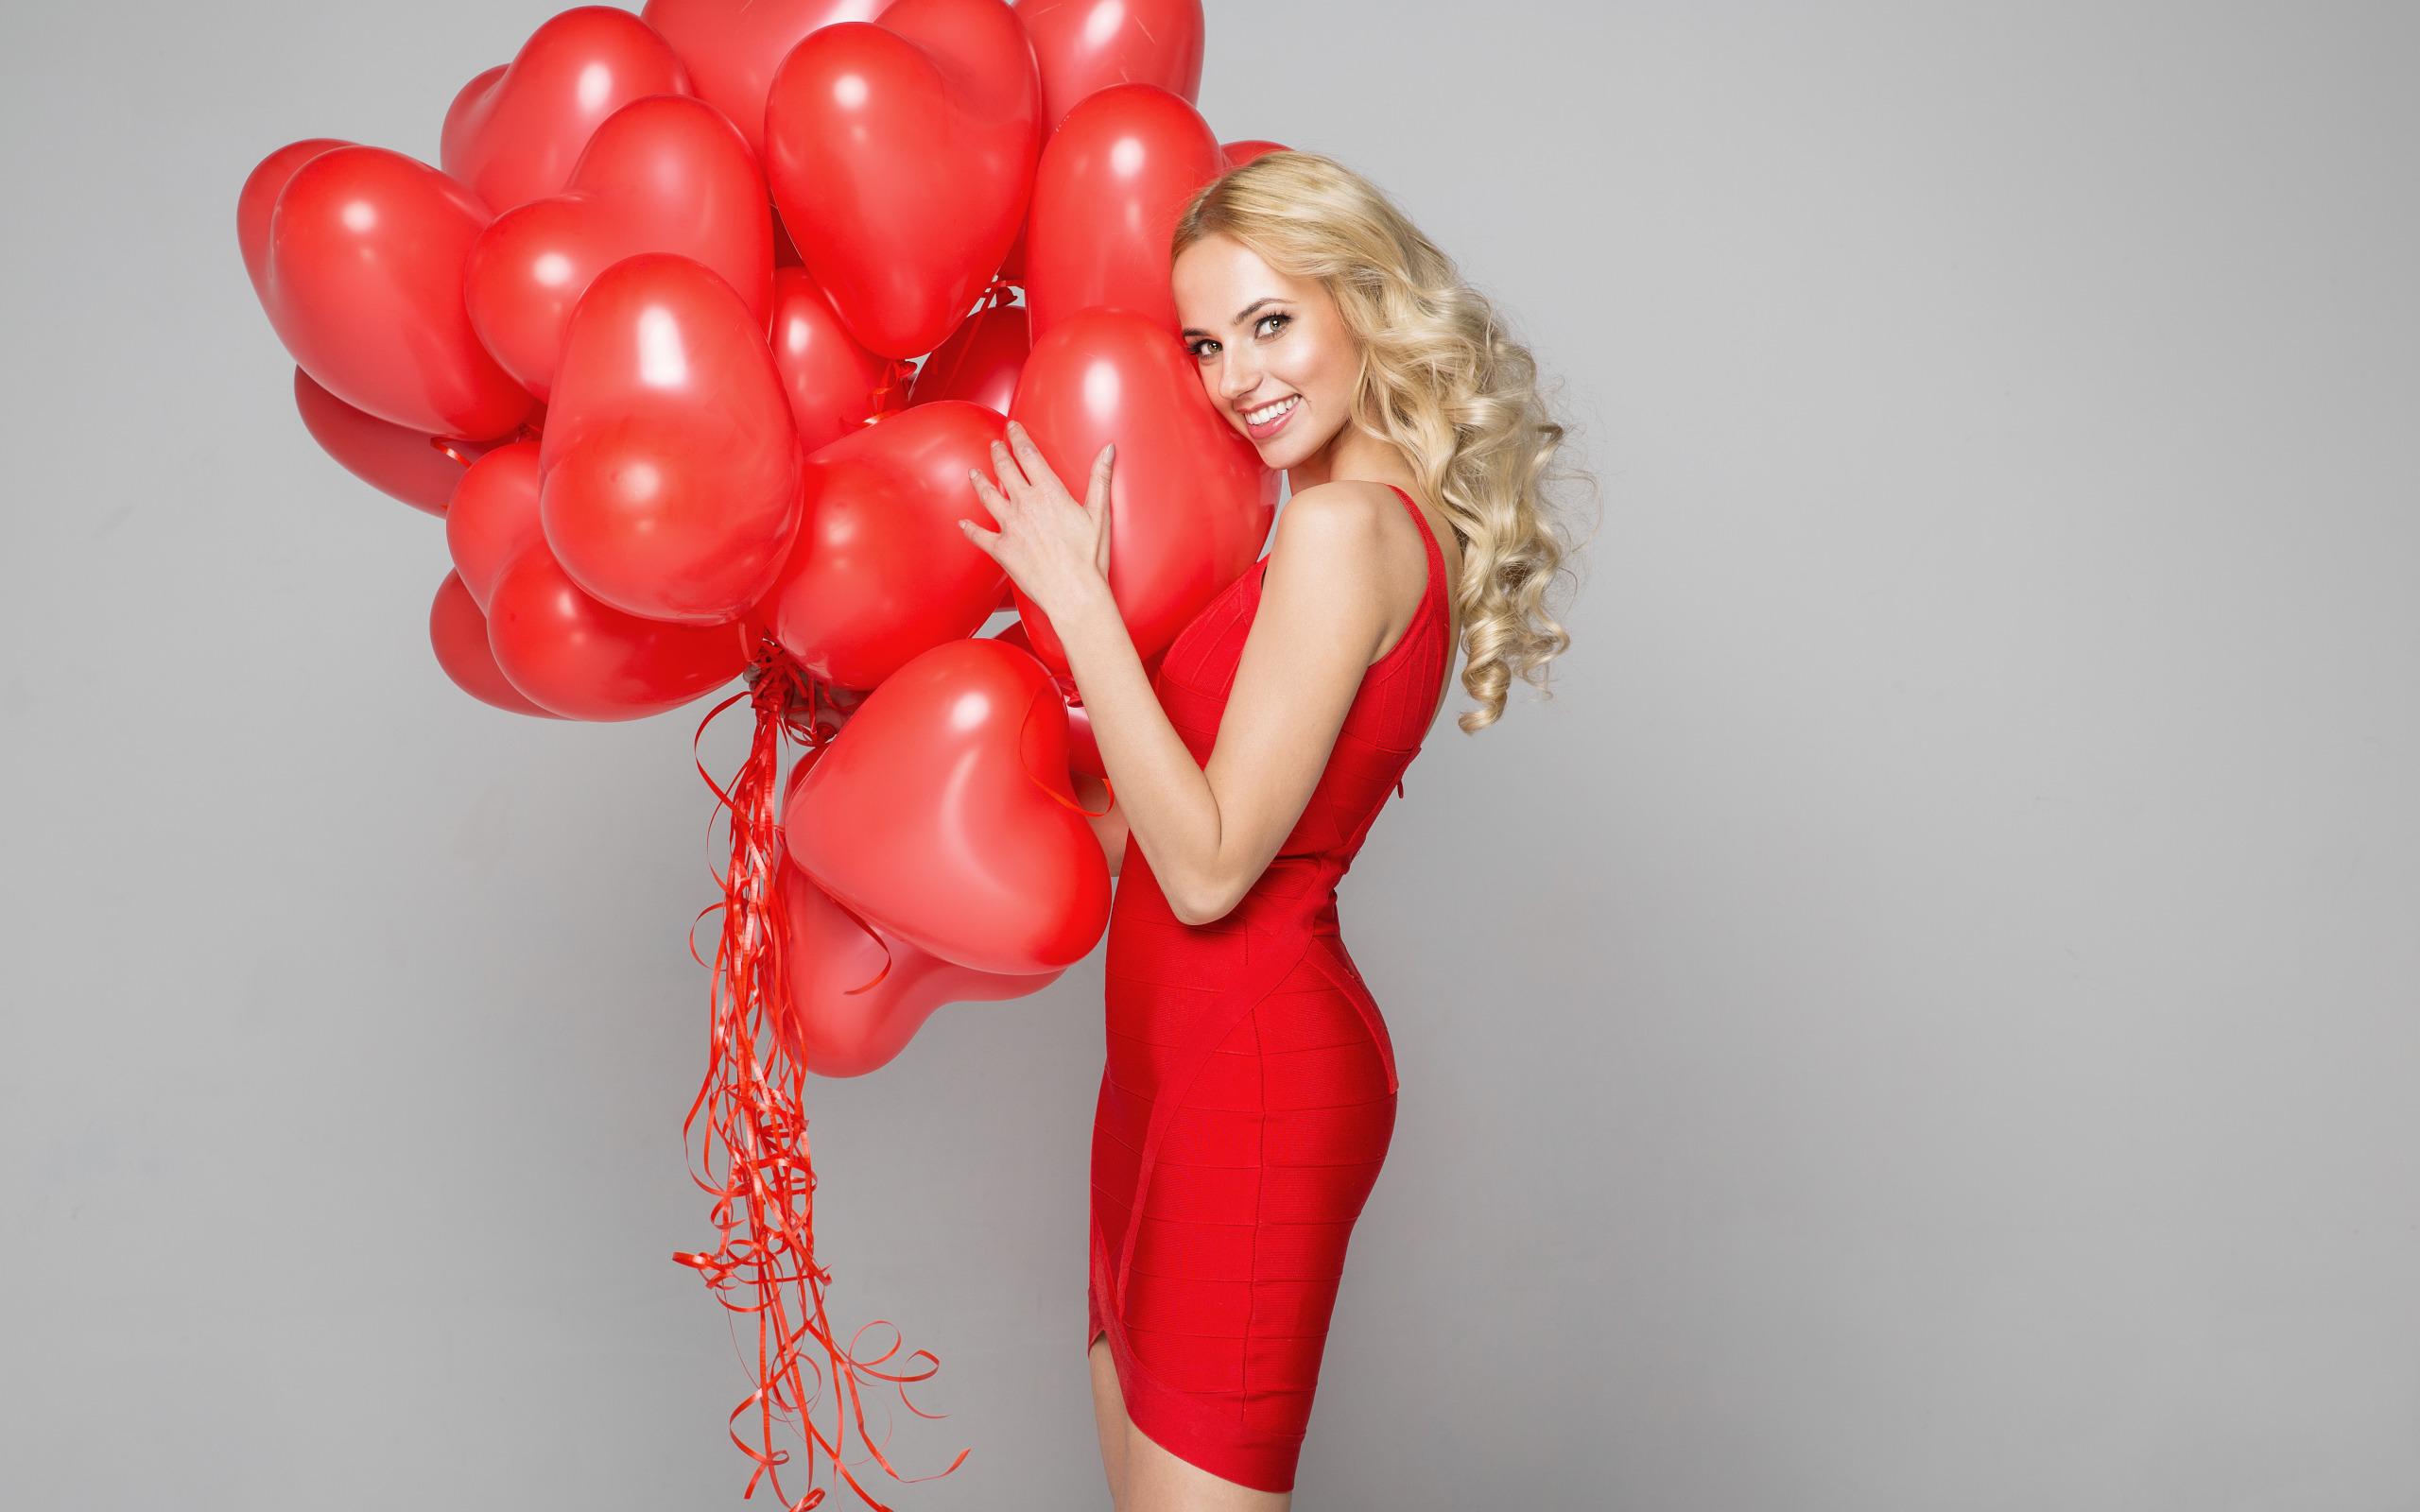 интересно провести день Святого Валентина тем, у кого нет пары